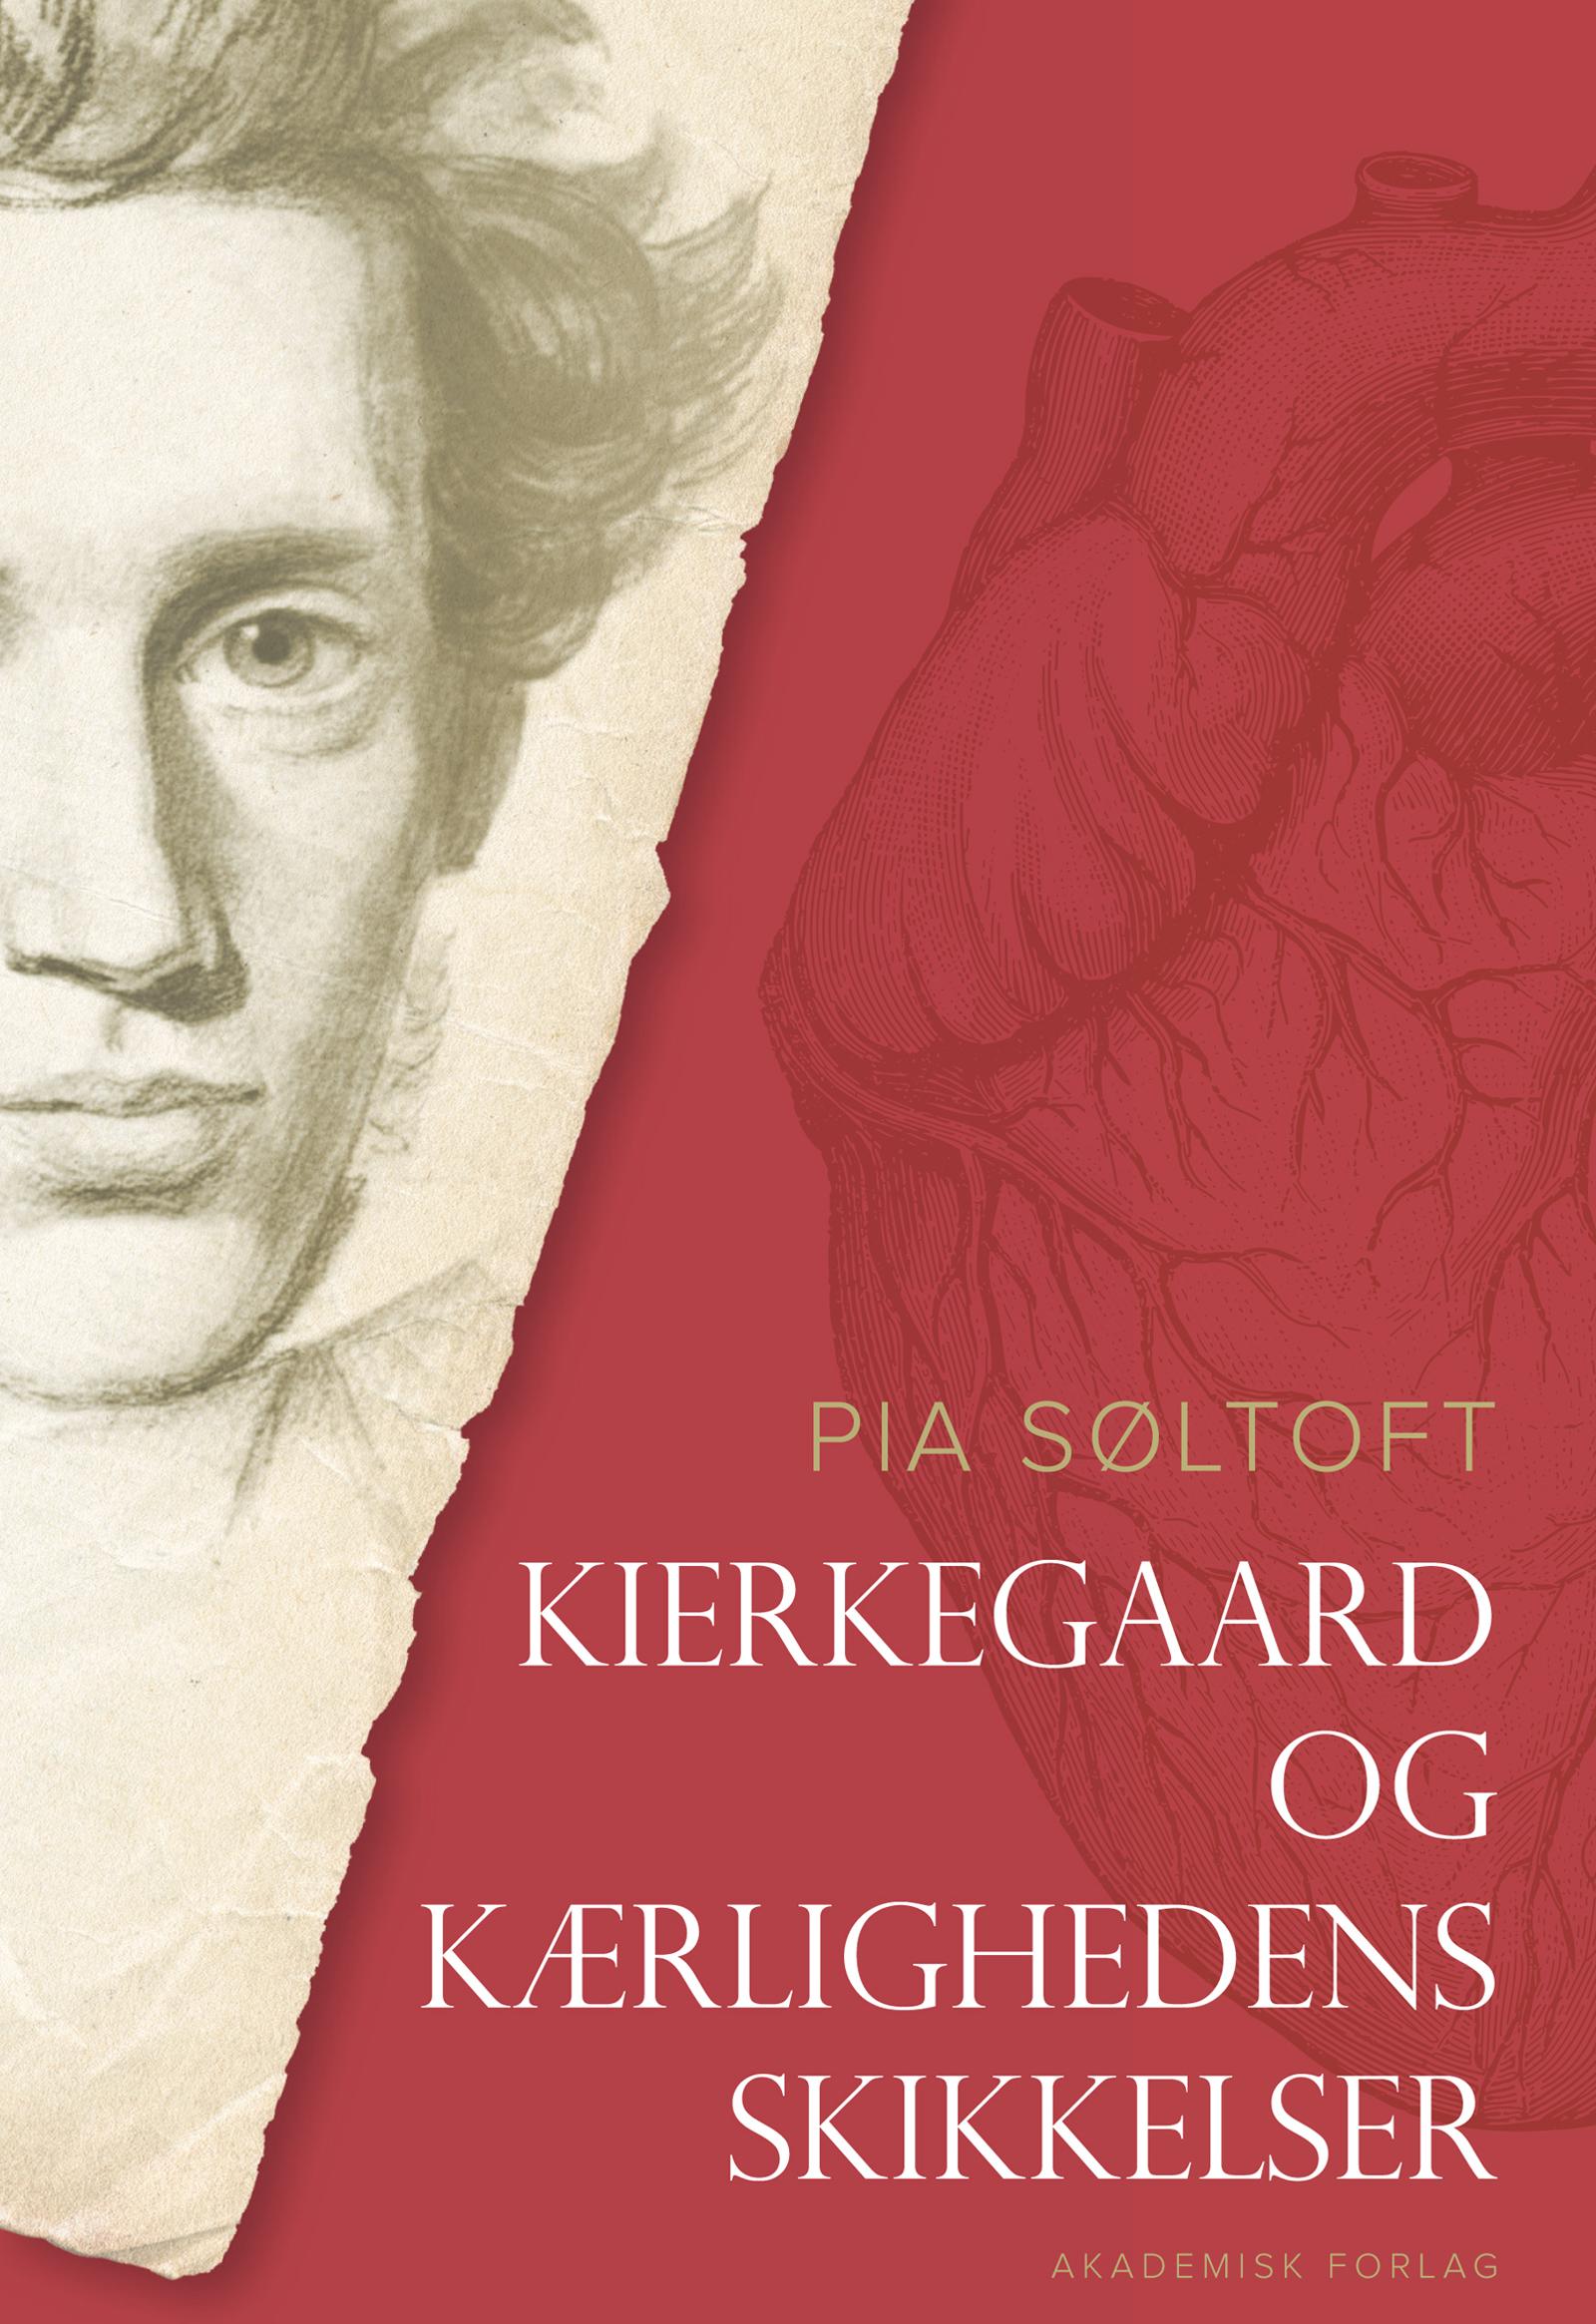 N/A – Kierkegaard og kærlighedens skikkelser - e-bog fra bog & mystik